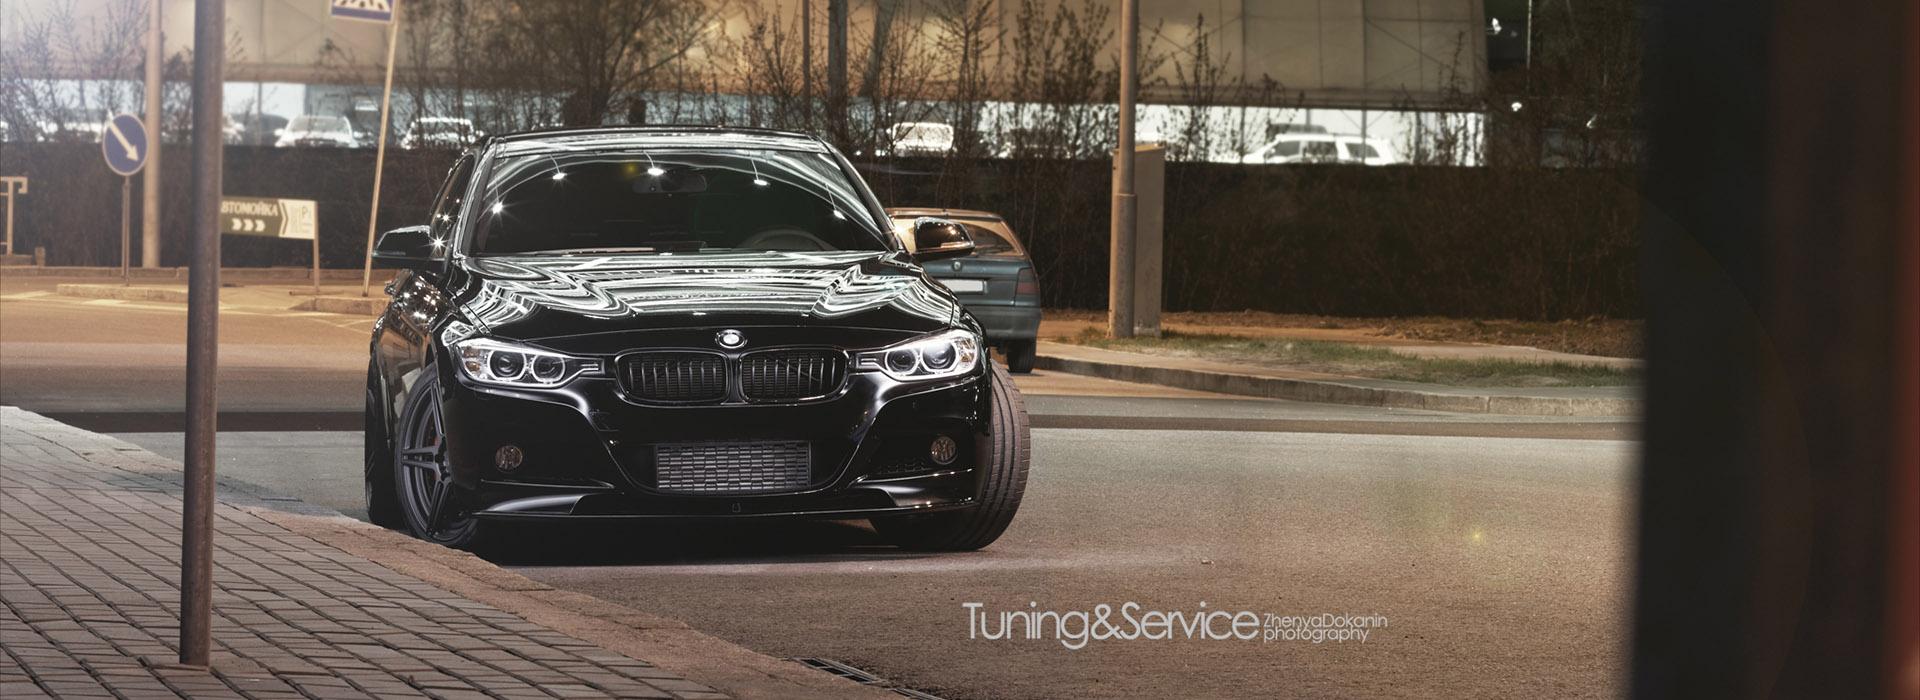 BMW3 EDITION